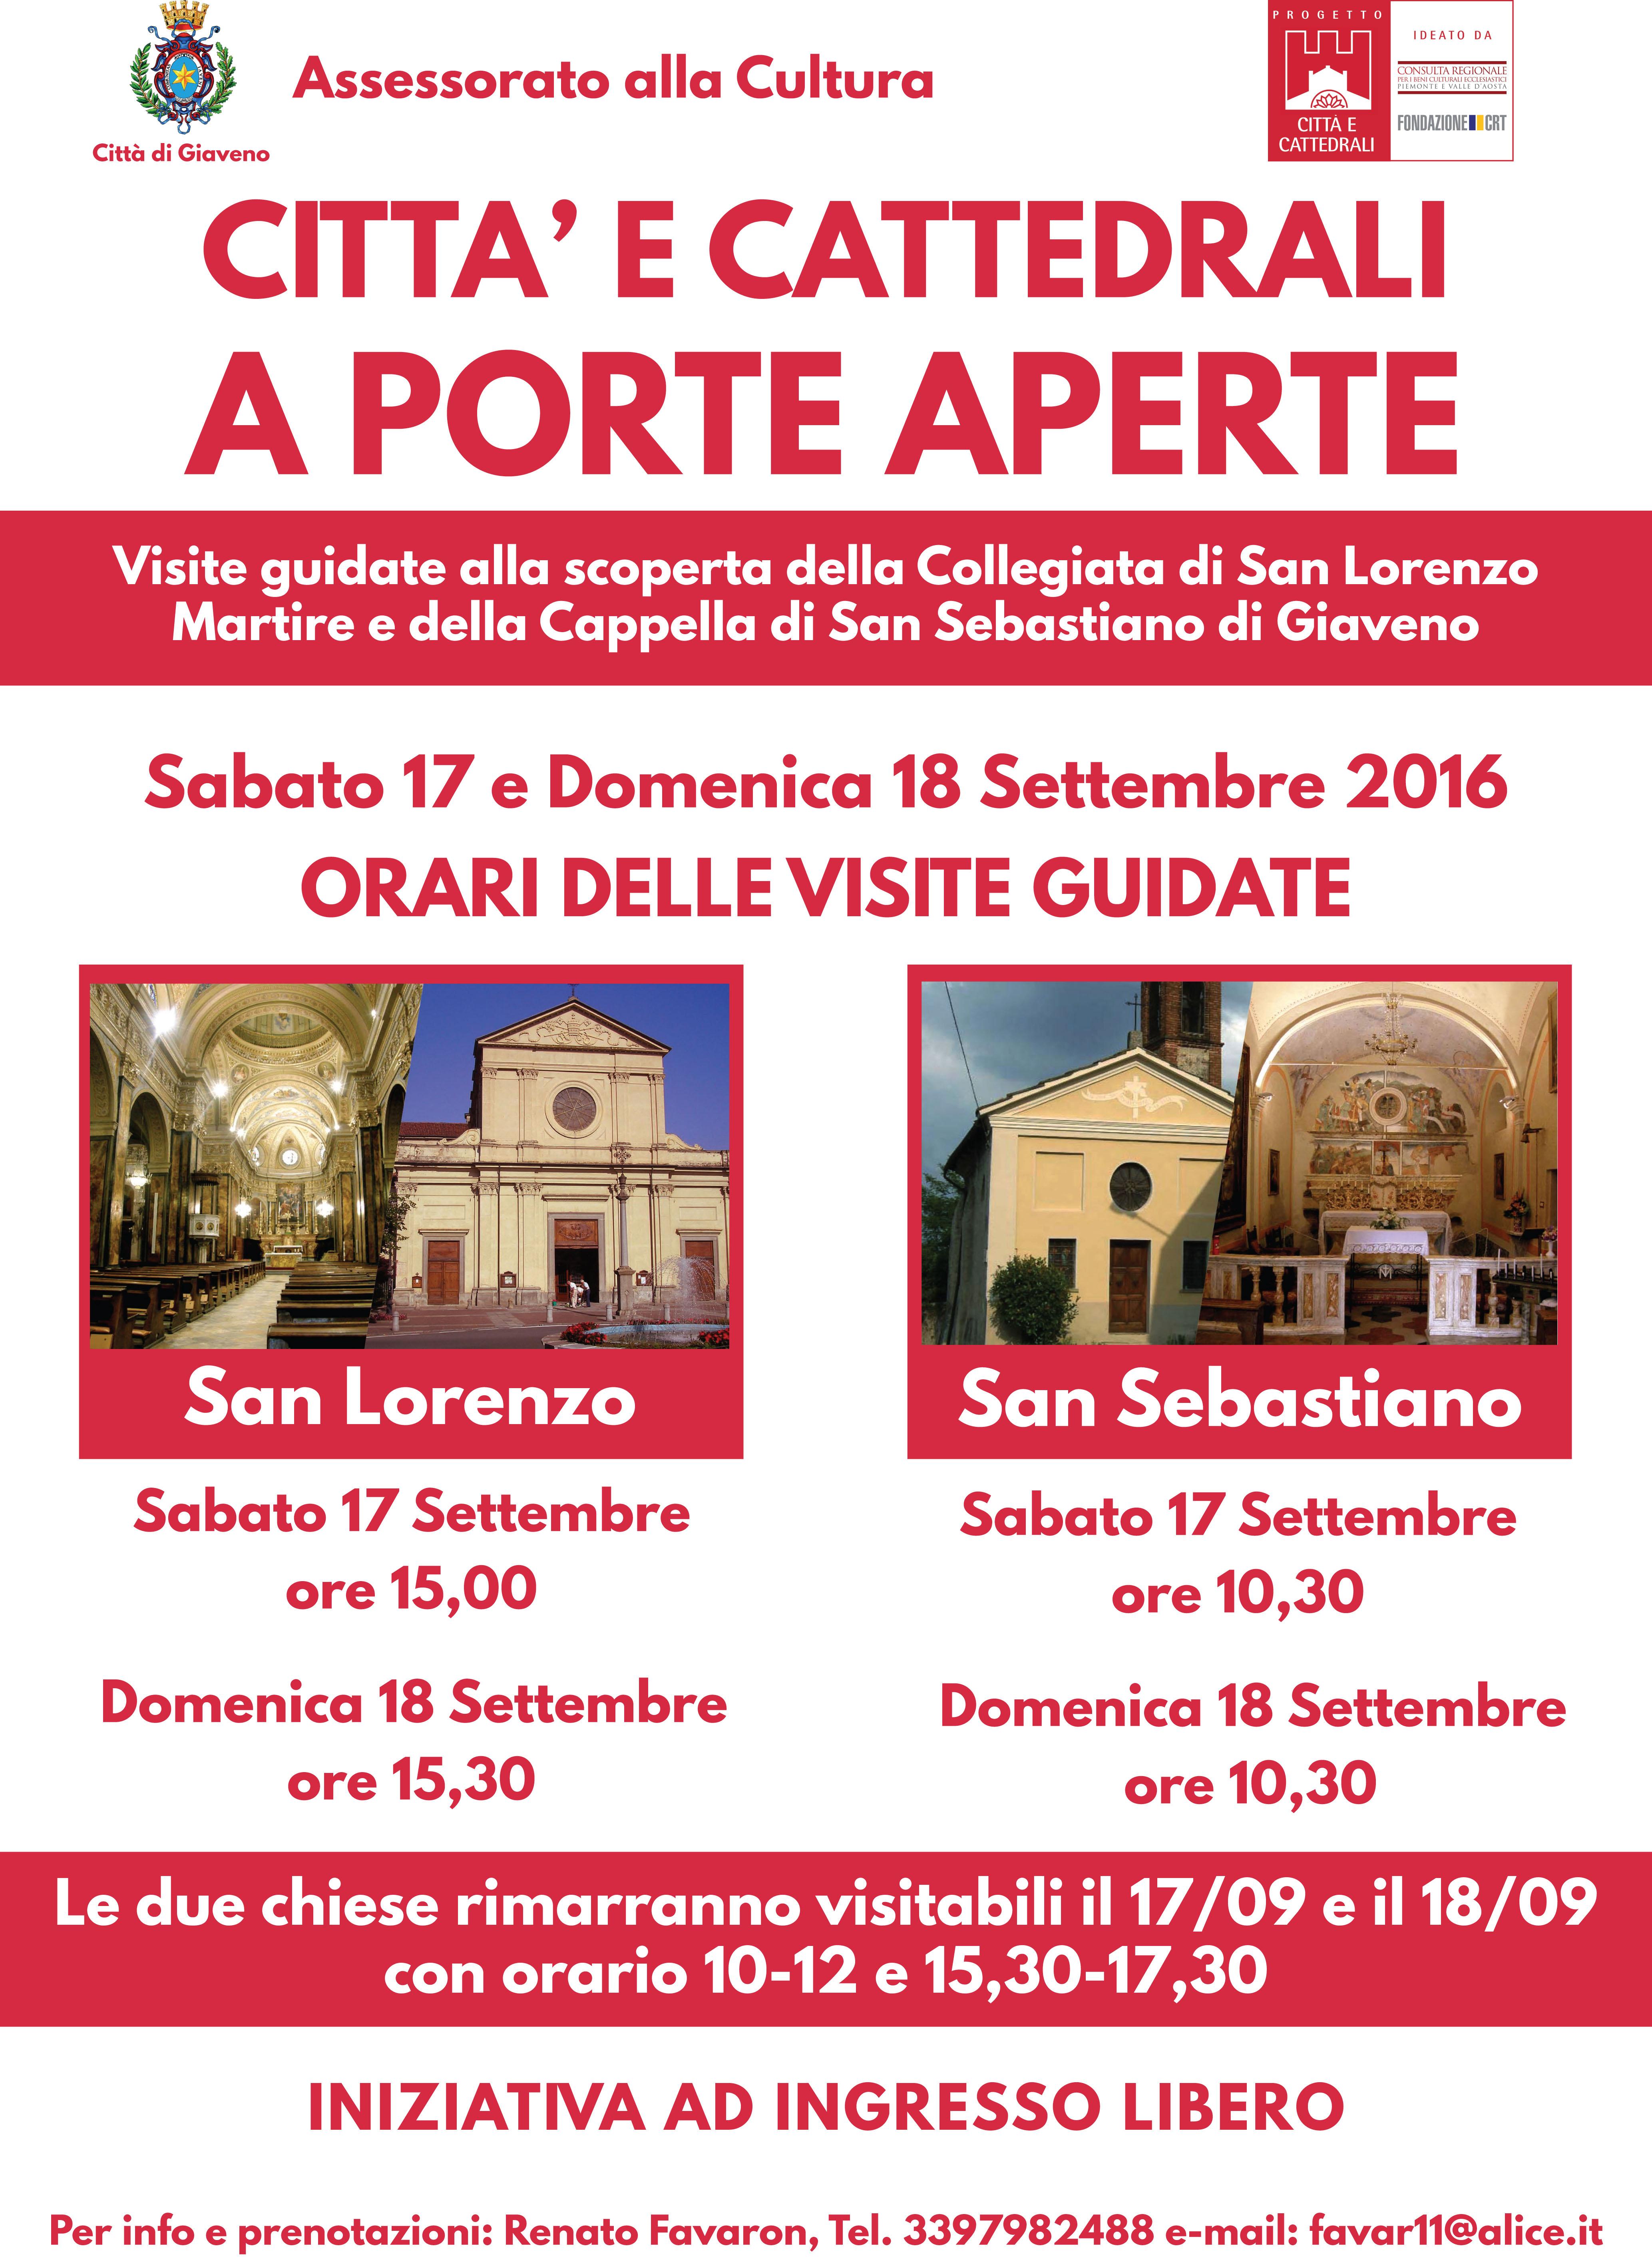 Citta e Cattedrali a Porte Aperte  – sabato 17 e domenica 18 settembre 2016